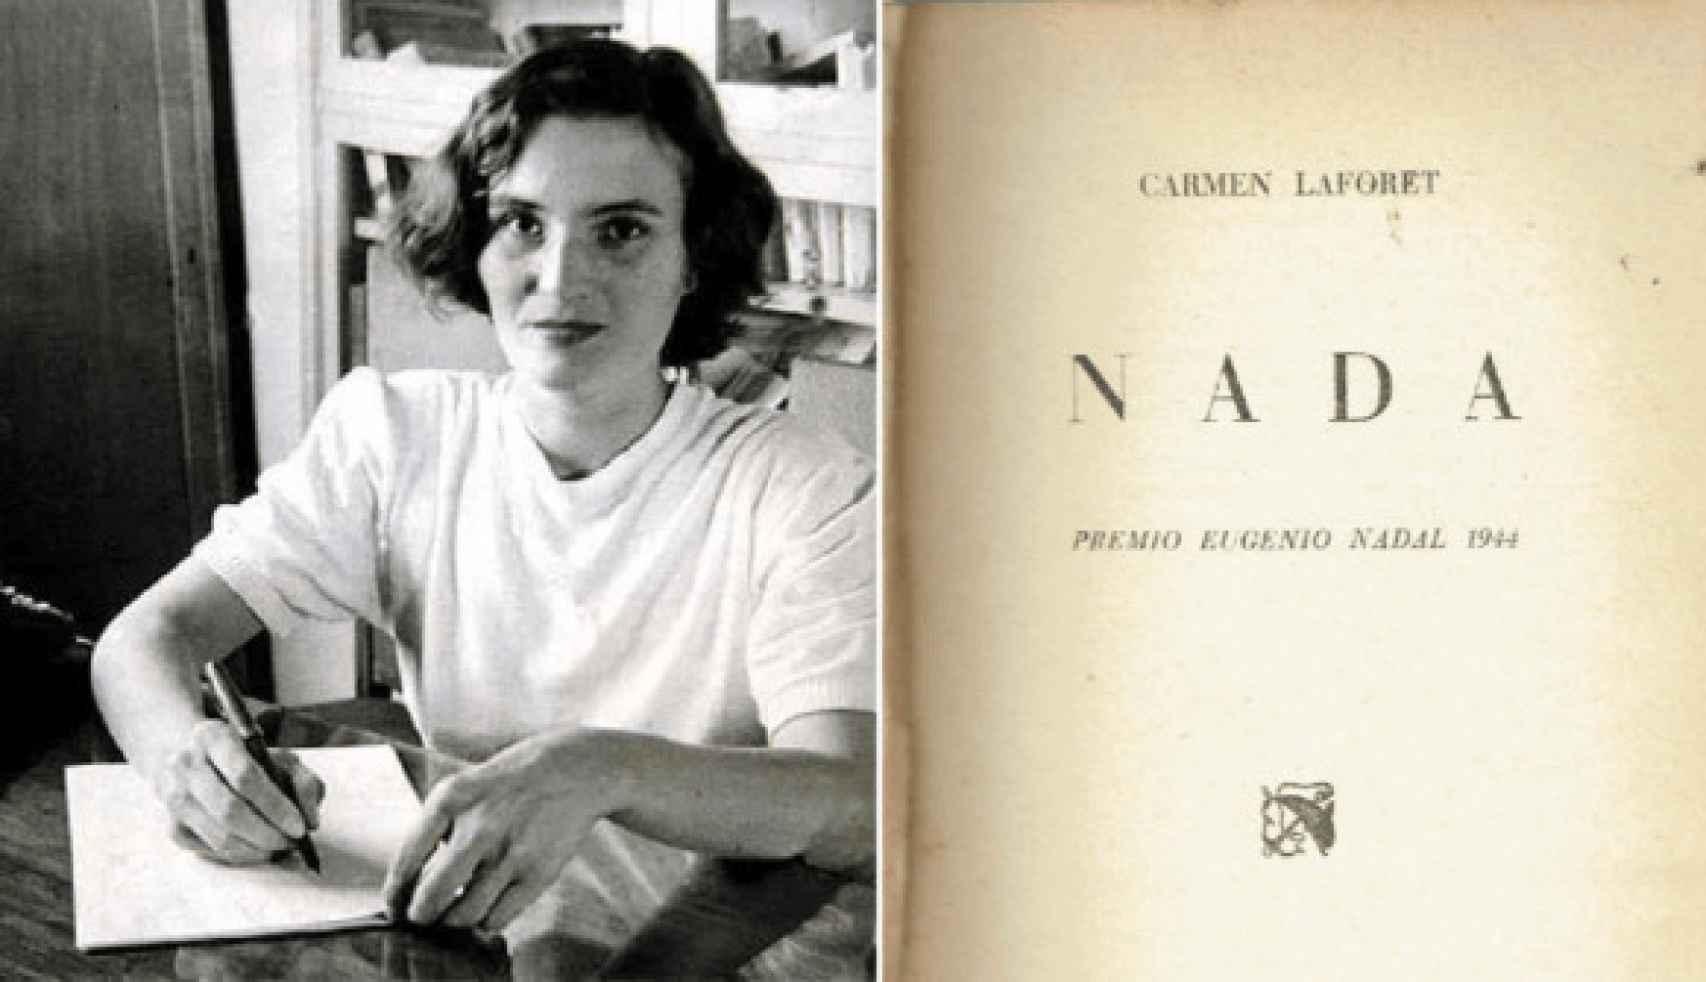 Una foto de Laforet junto a una imagen de la novela de 'Nada'.